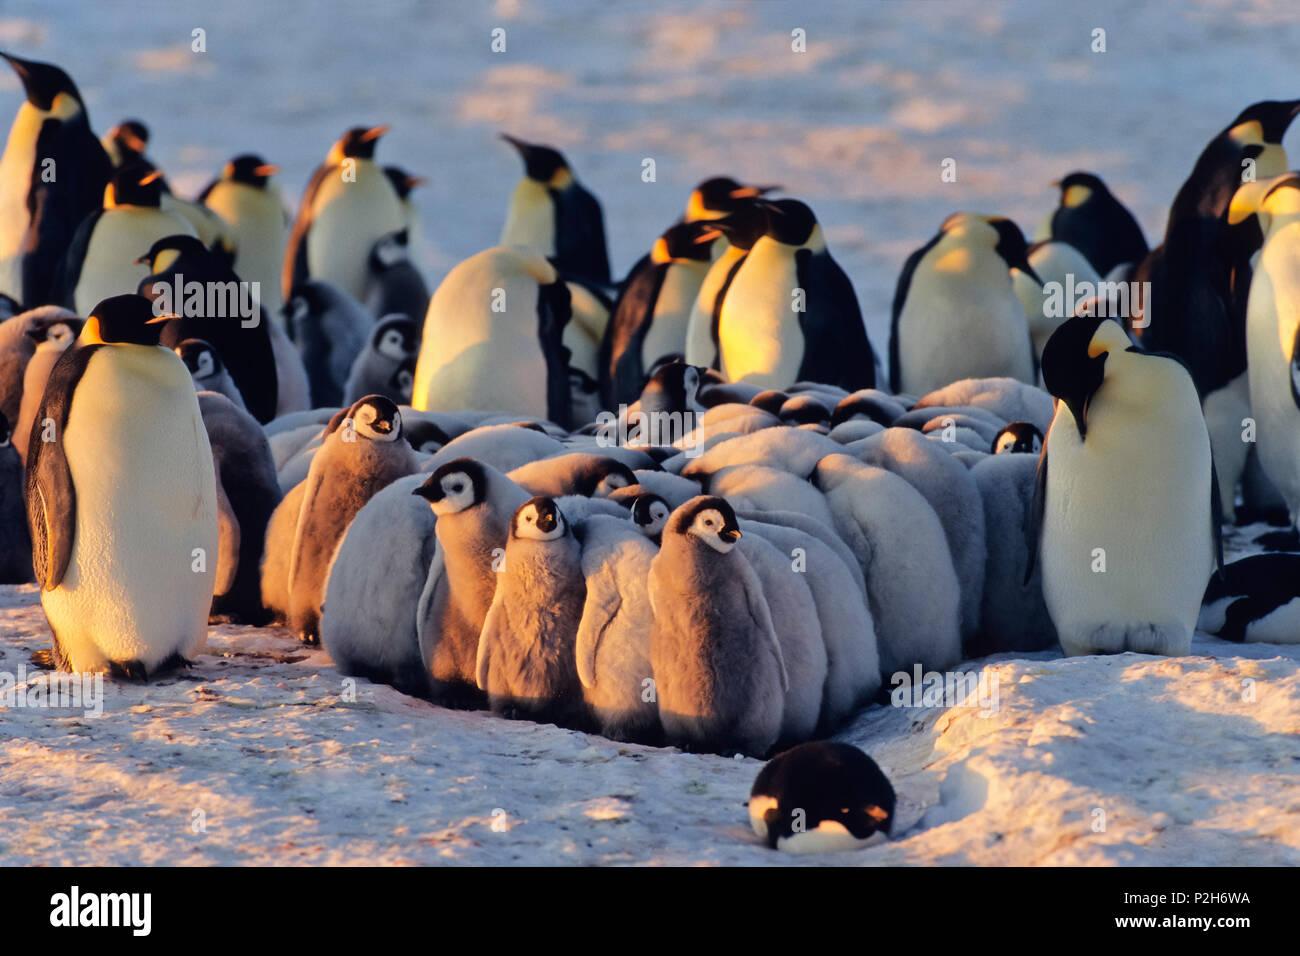 El pingüino emperador con pollitos, guardería, Aptenodytes forsteri, Antártida Imagen De Stock